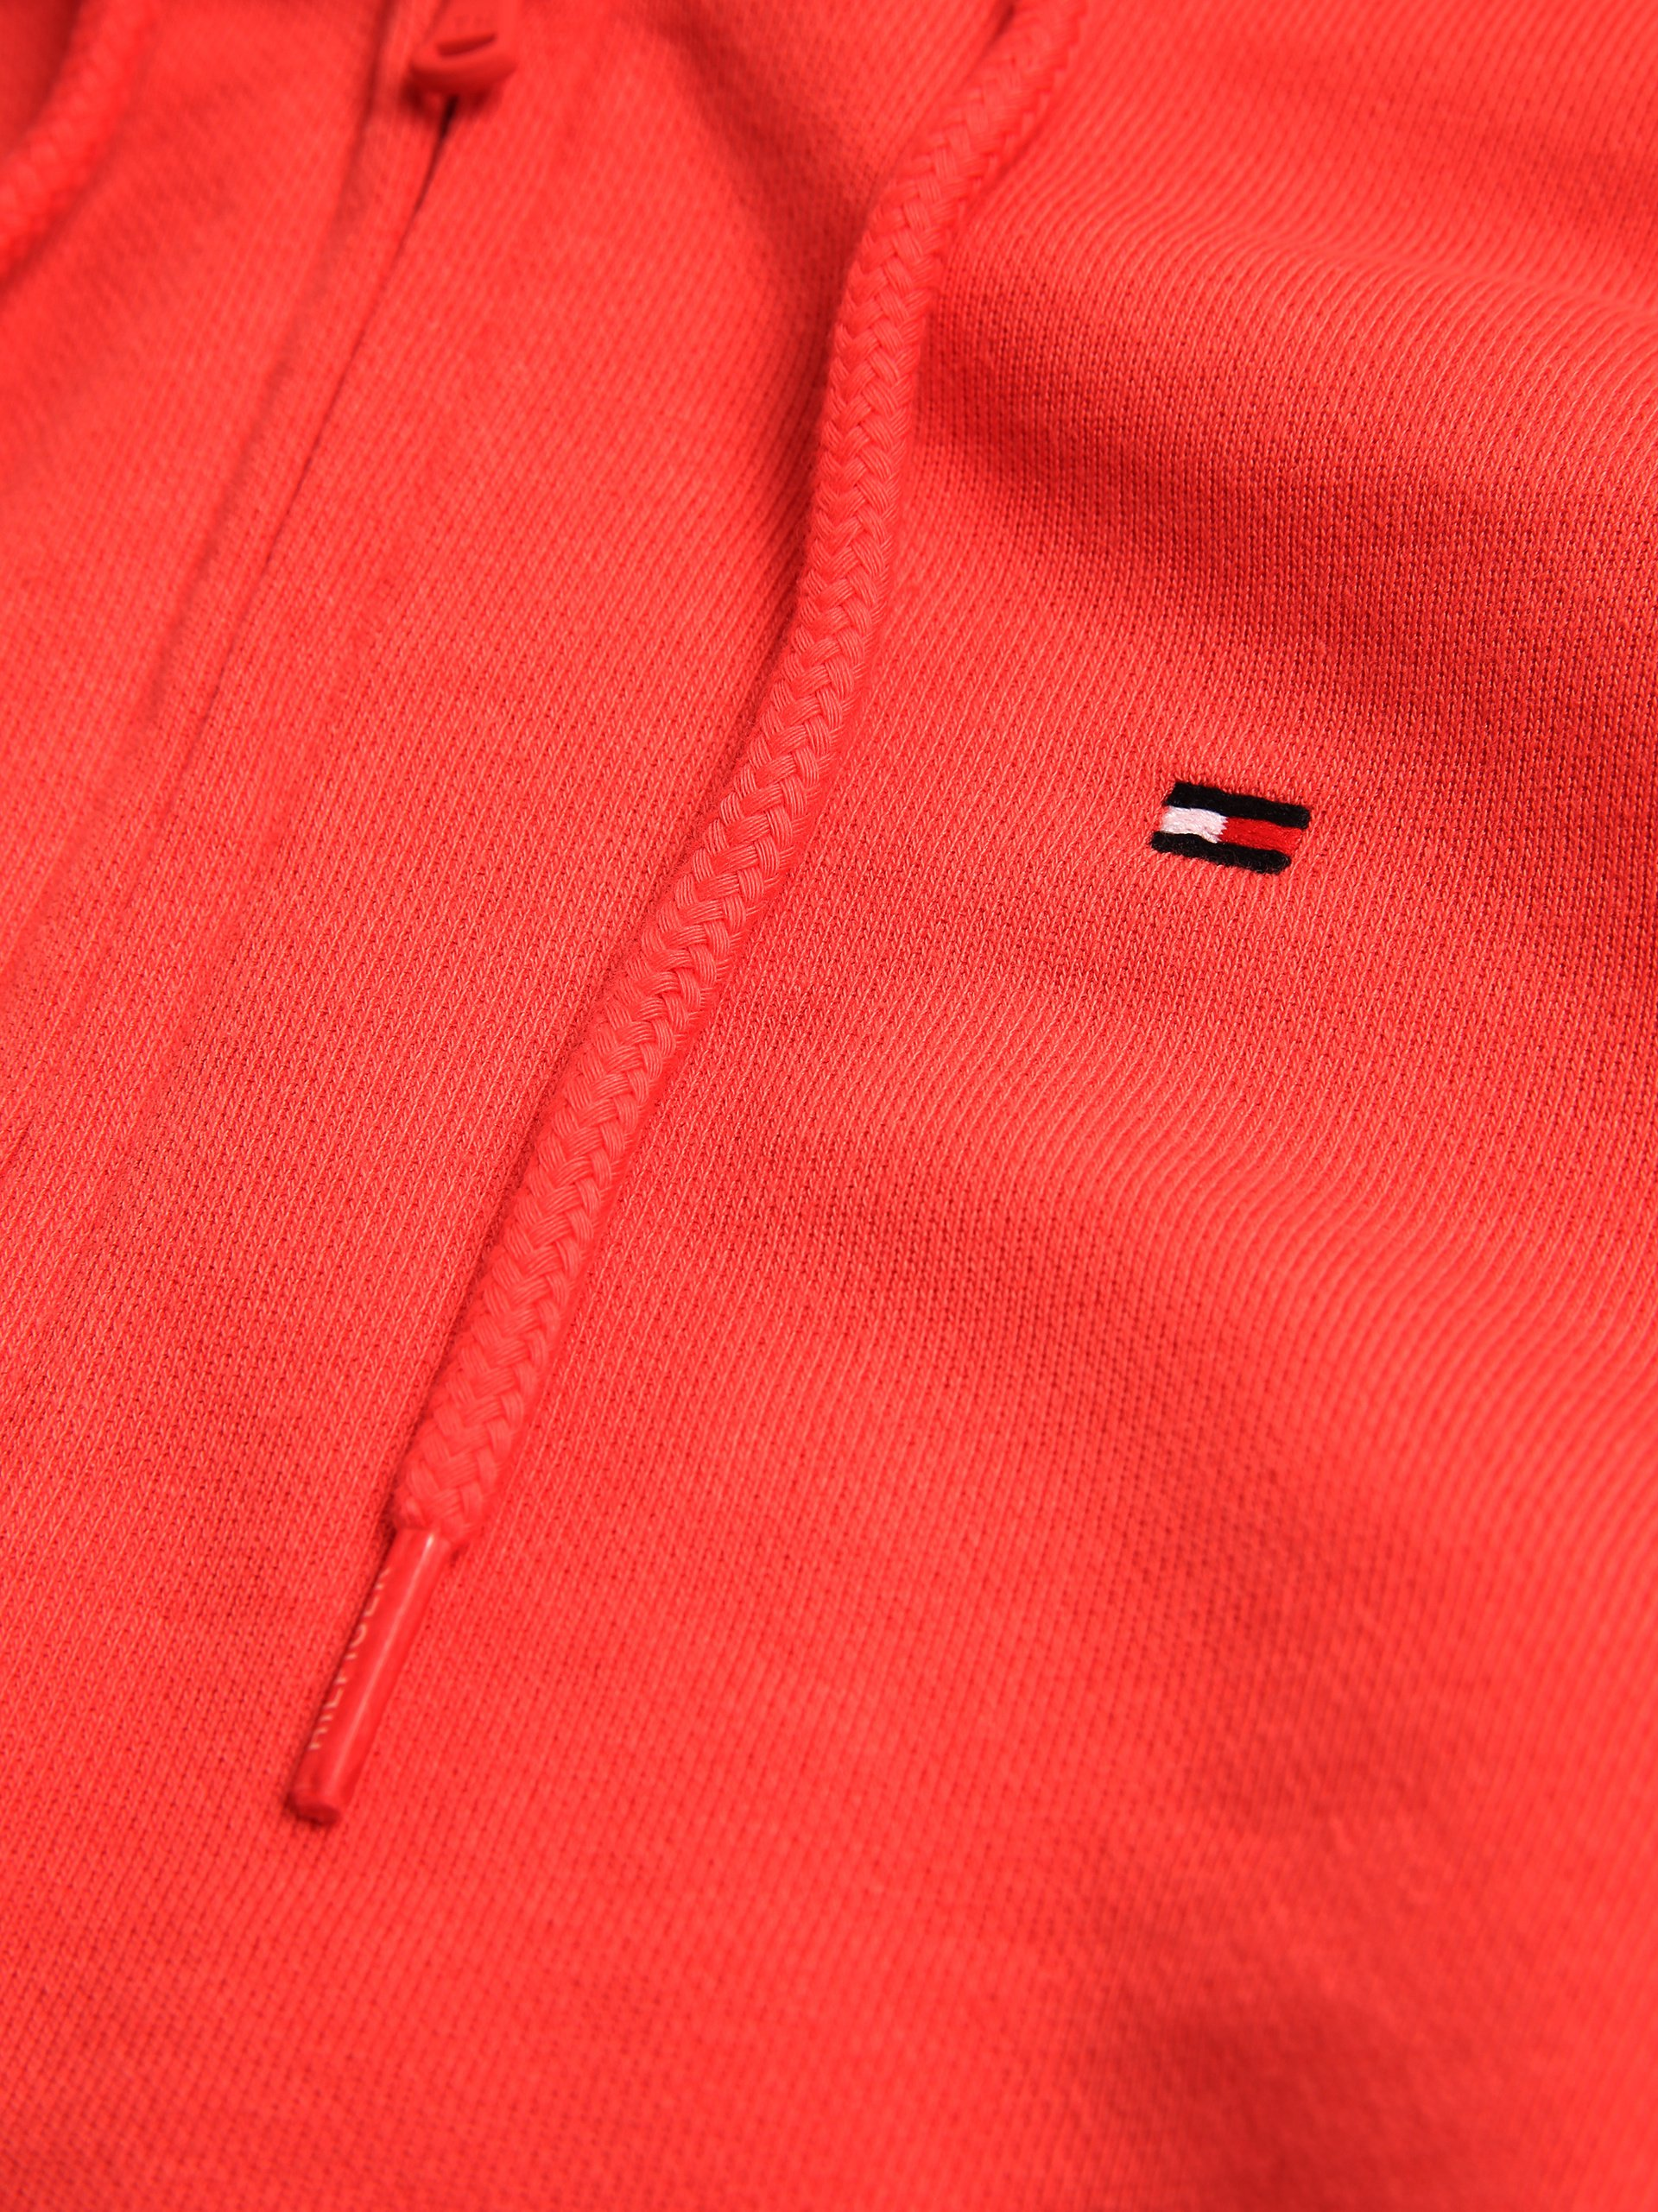 Tommy Hilfiger Damen Sweathshirt